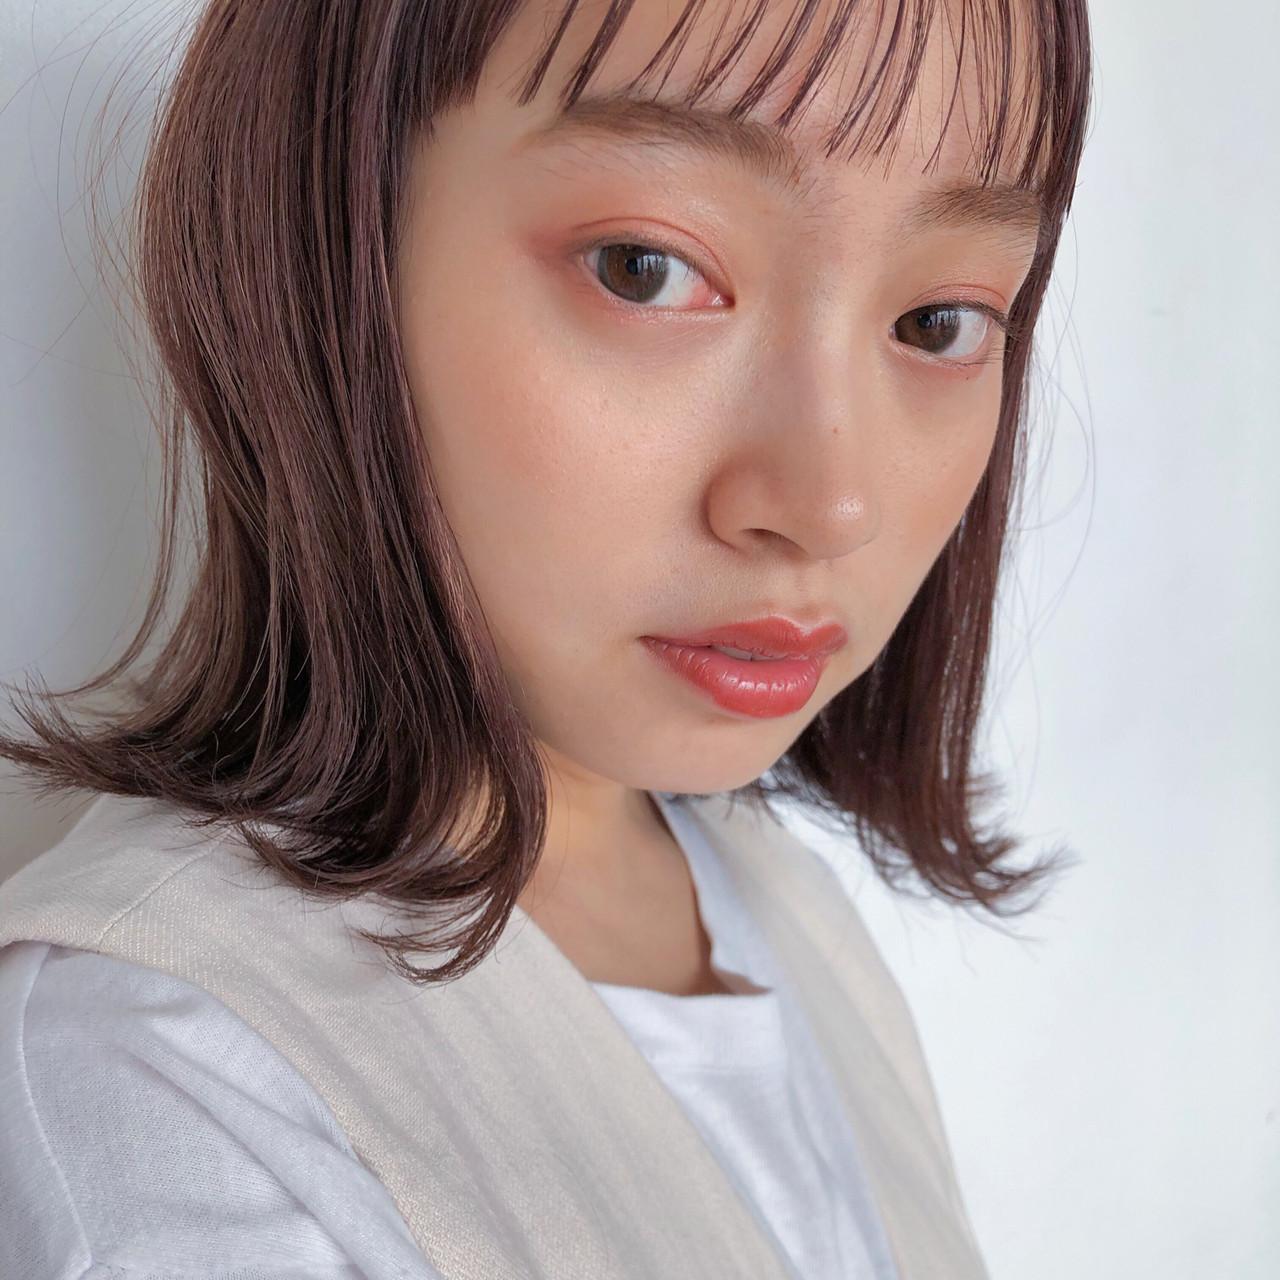 ナチュラルに可愛くなれるフェミニンなブラウンカラー(塩見/GARDEN harajuku) GARDEN harajuku 塩見GARDEN harajuku